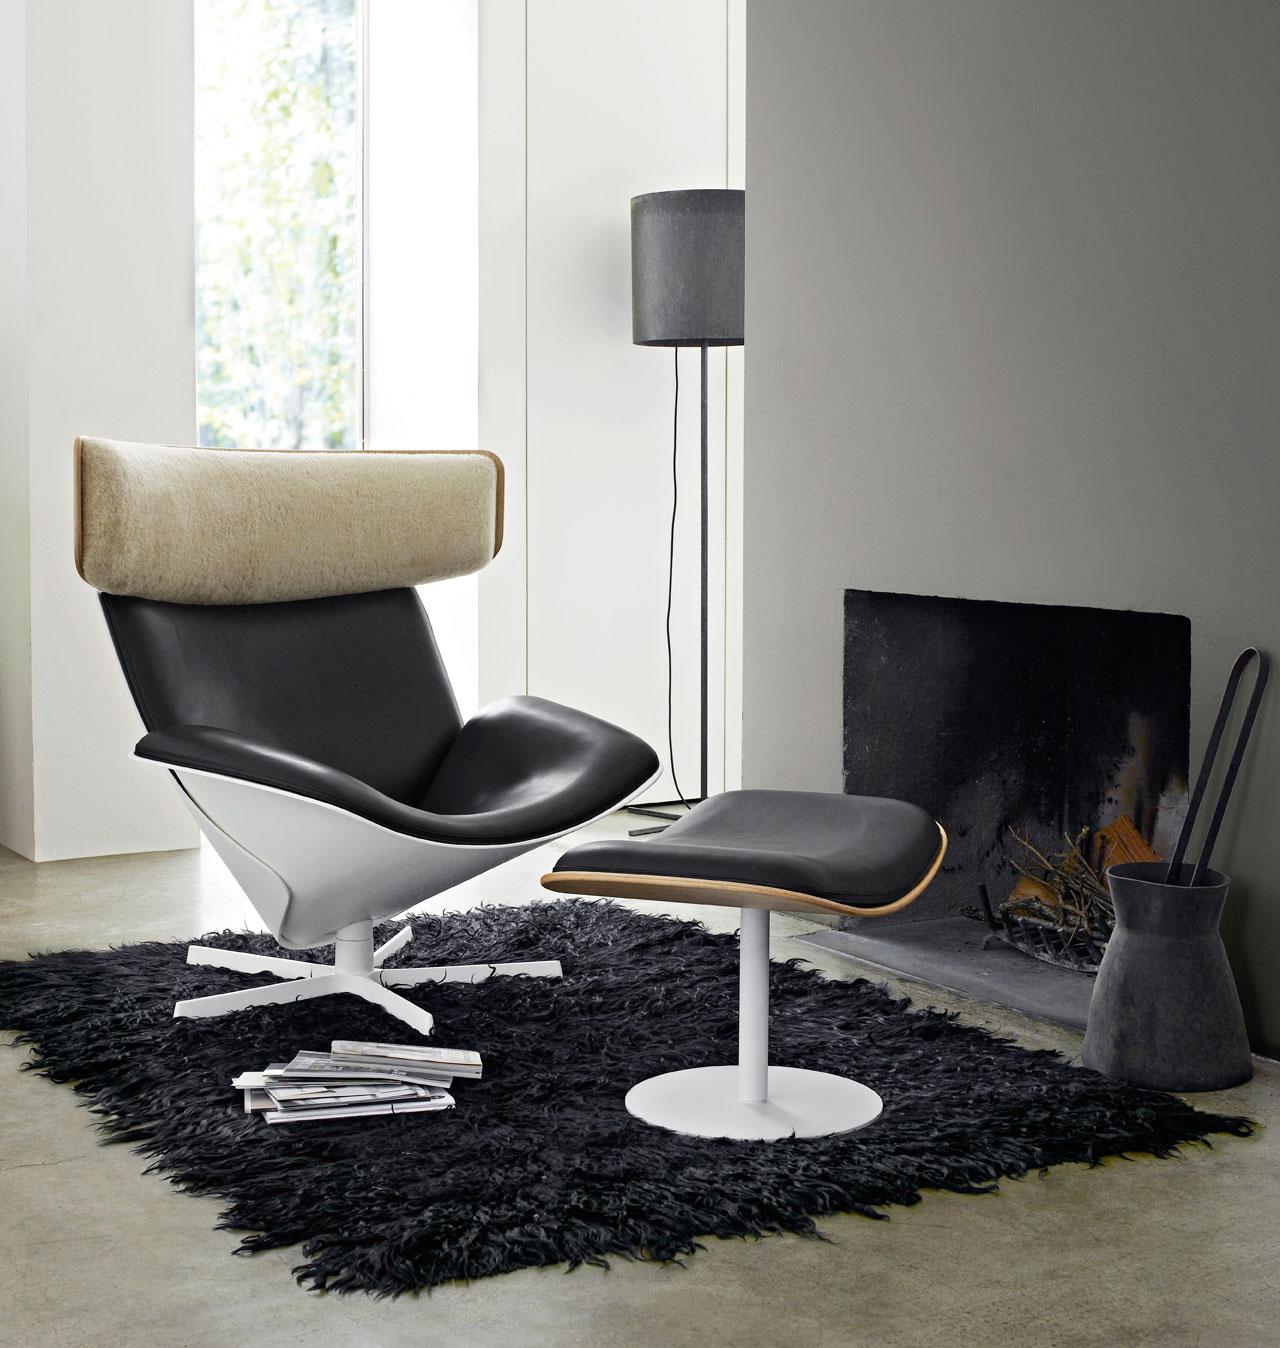 Almora 椅子 B Amp B Italia 海居汇 意大利家具代购 海外家居代购 进口家具代购